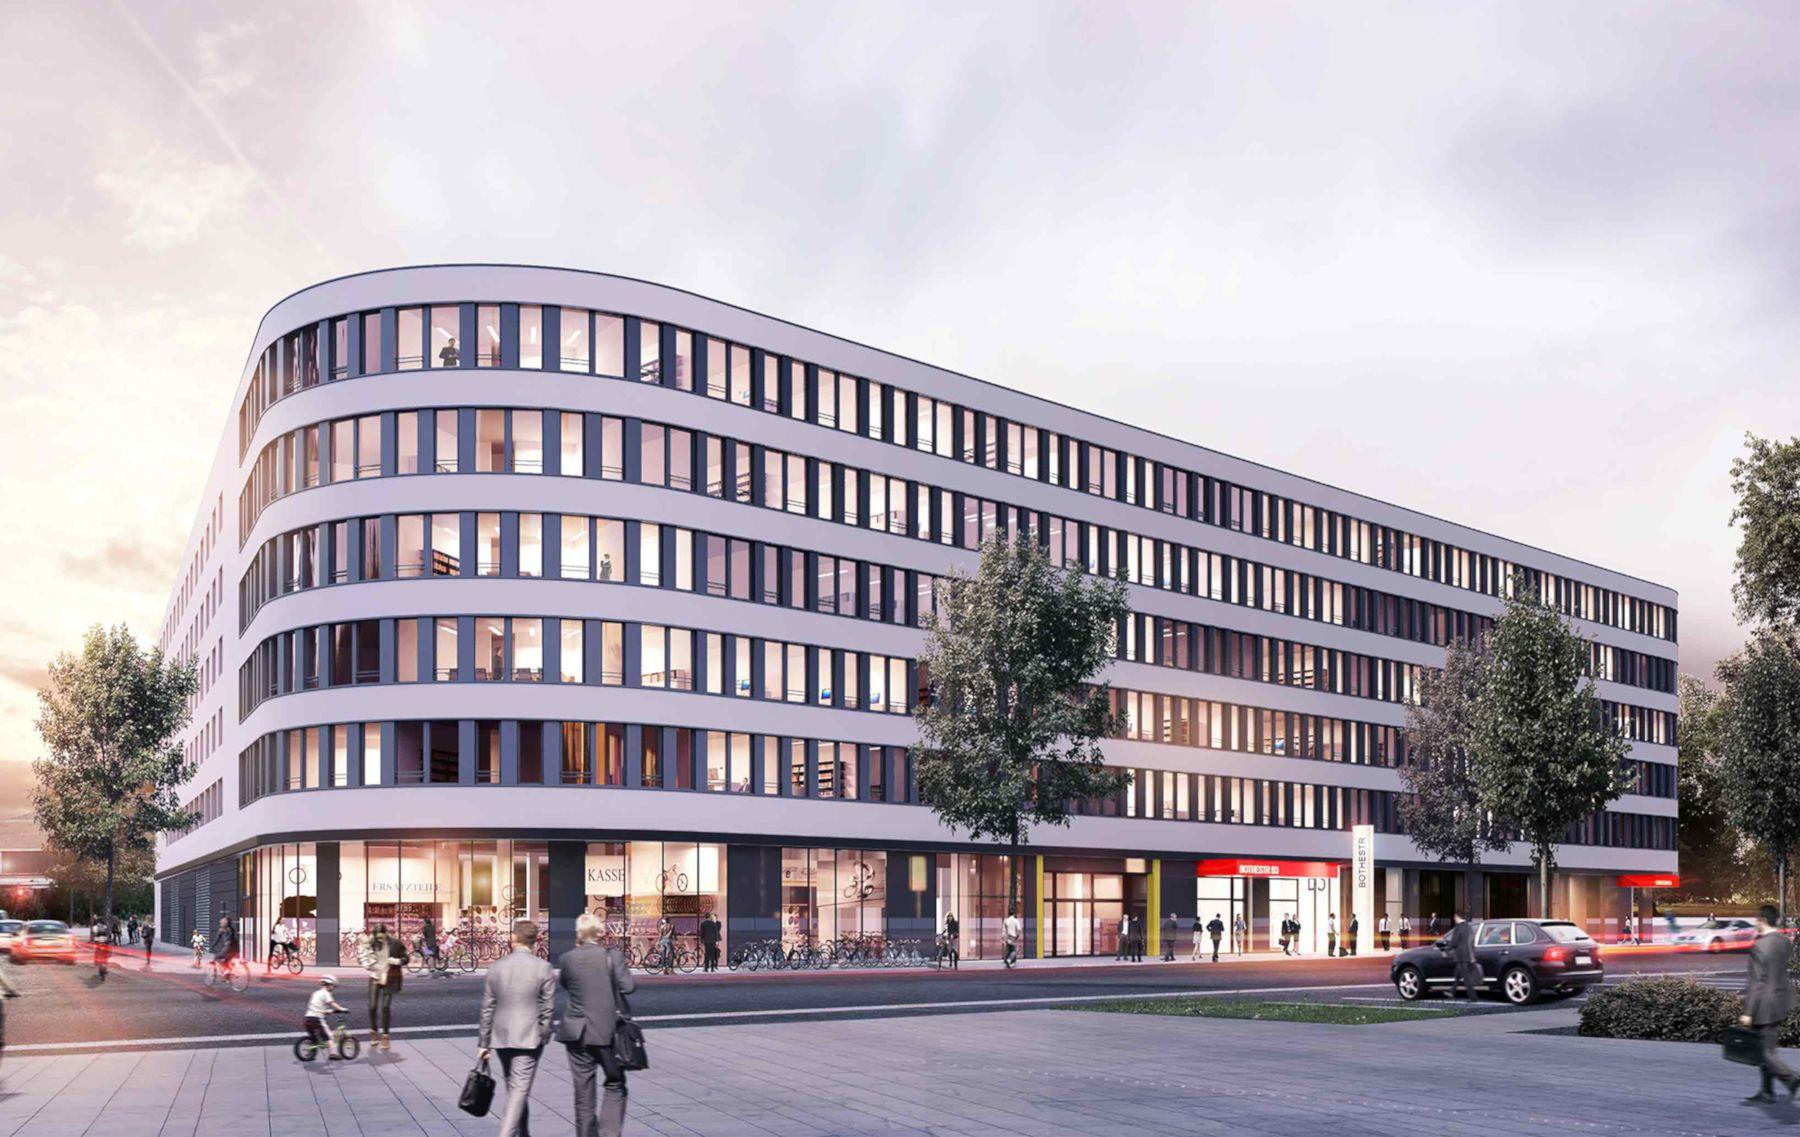 Administratívna budova spoločnosti Leuchtenbergring